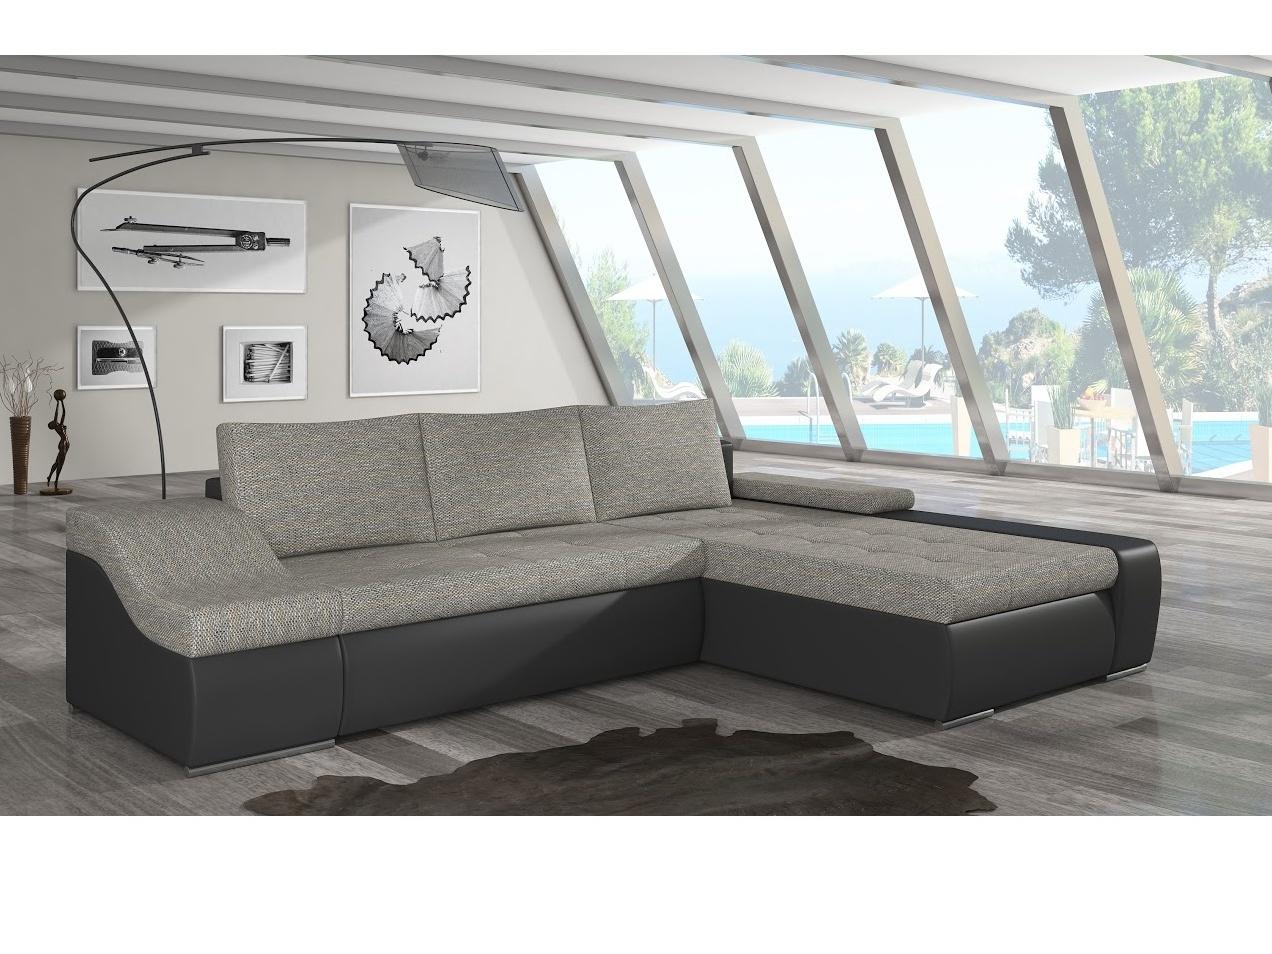 ELTAP Rohová sedačka ONTARIO 13 pravá, šedá/černá